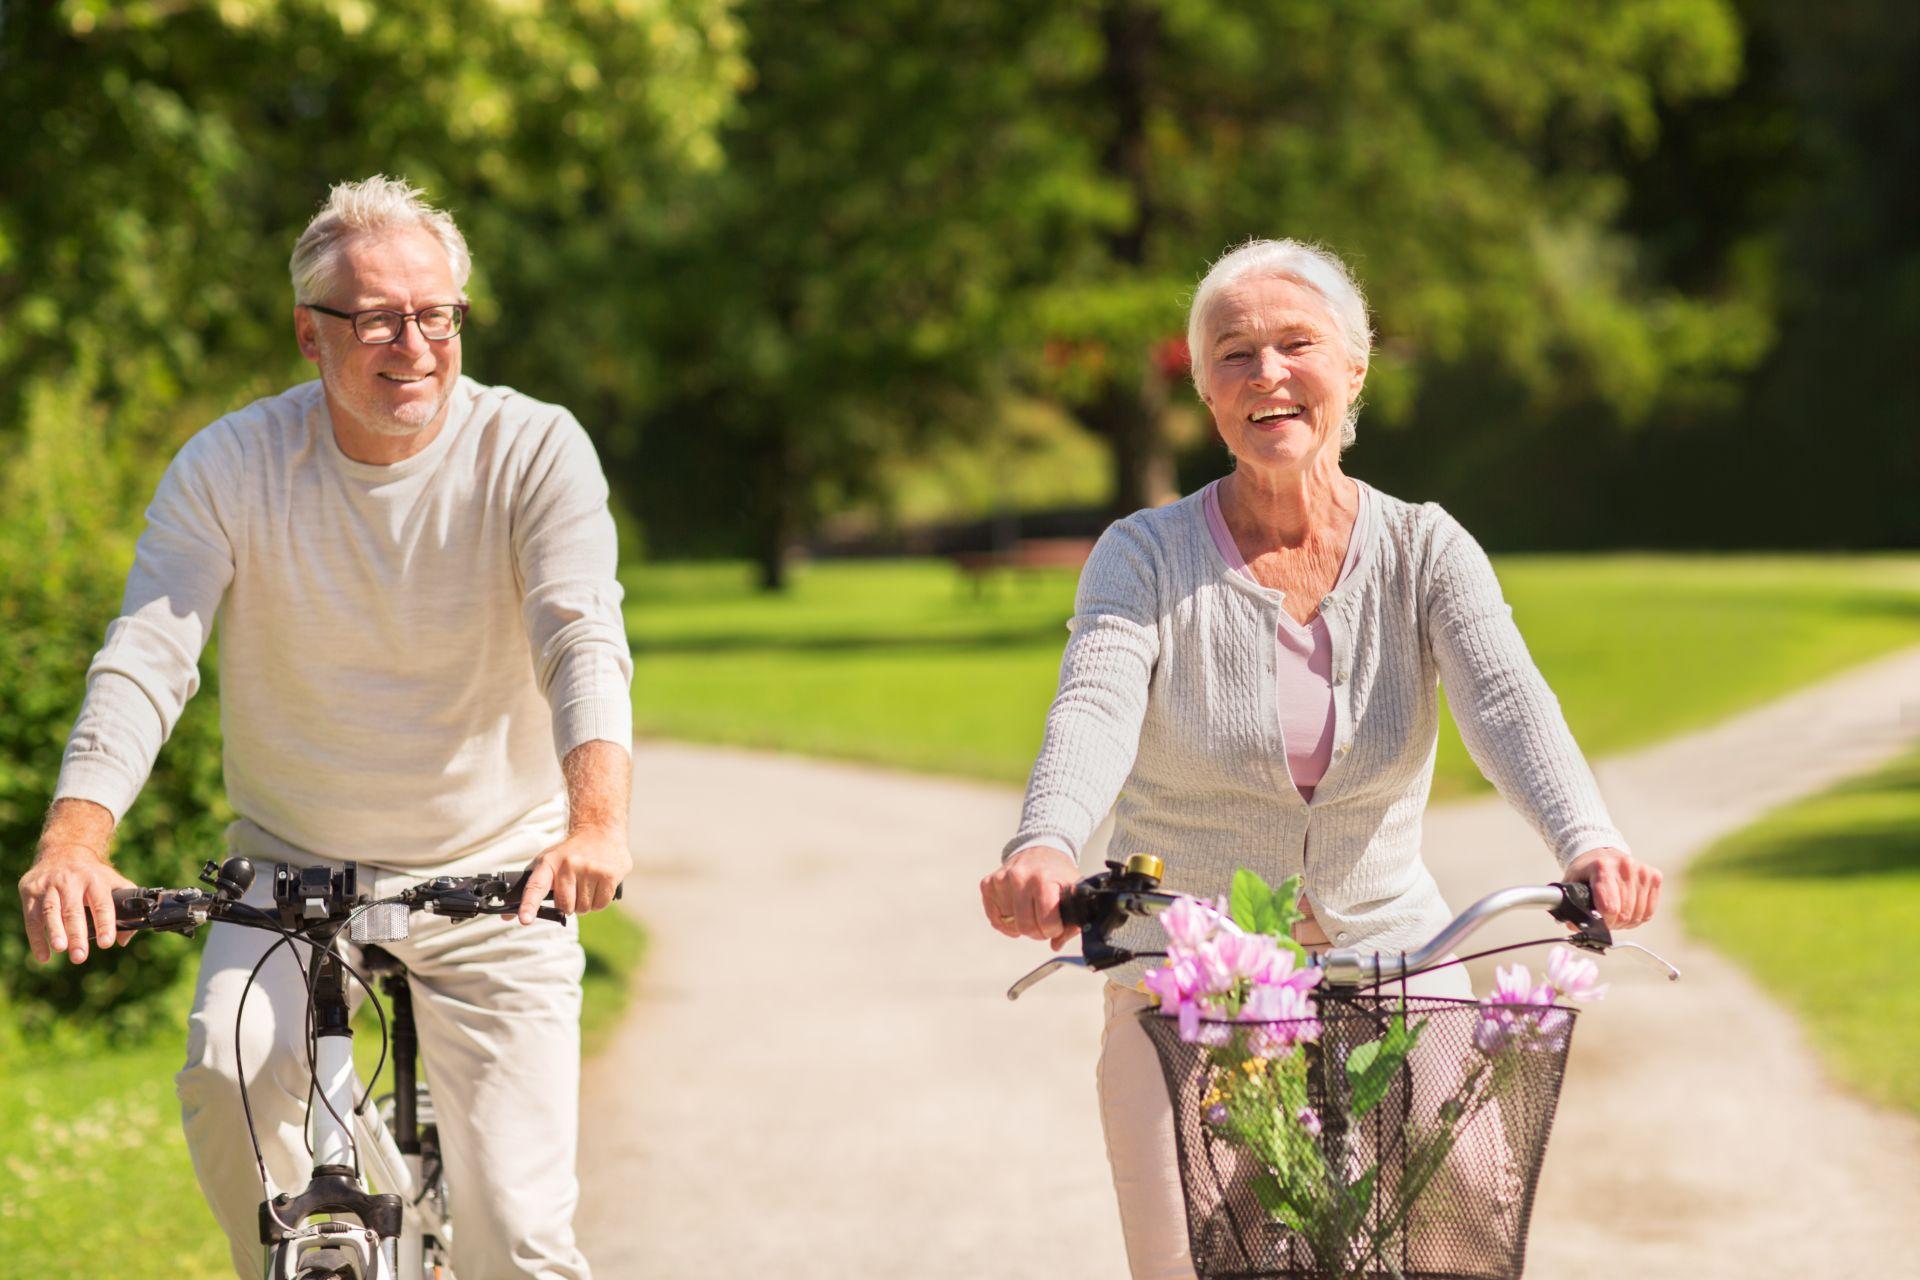 Jak obniżyć cholesterol? Zadbaj o zbilansowaną dietę wzbogaconą sterolami roślinnymi, które wykazują skuteczne obniżanie poziomu cholesterolu i połącz ją ze zdrowym style życia i umiarkowaną aktywność fizyczną.